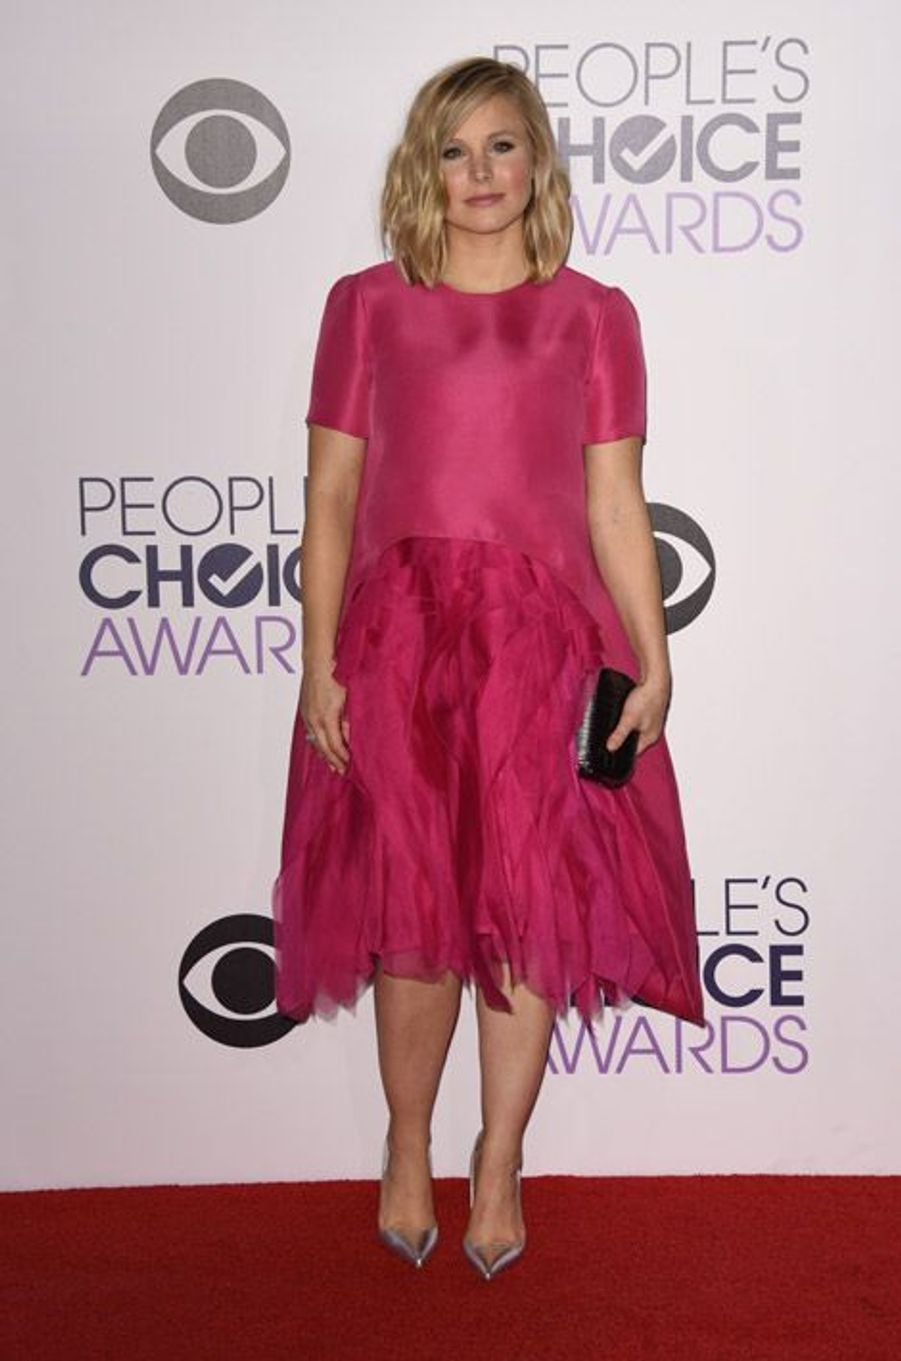 L'actrice Kristen Bell, en Monique Lhuillier lors de la cérémonie des People Choice Awards, le 7 janvier 2015